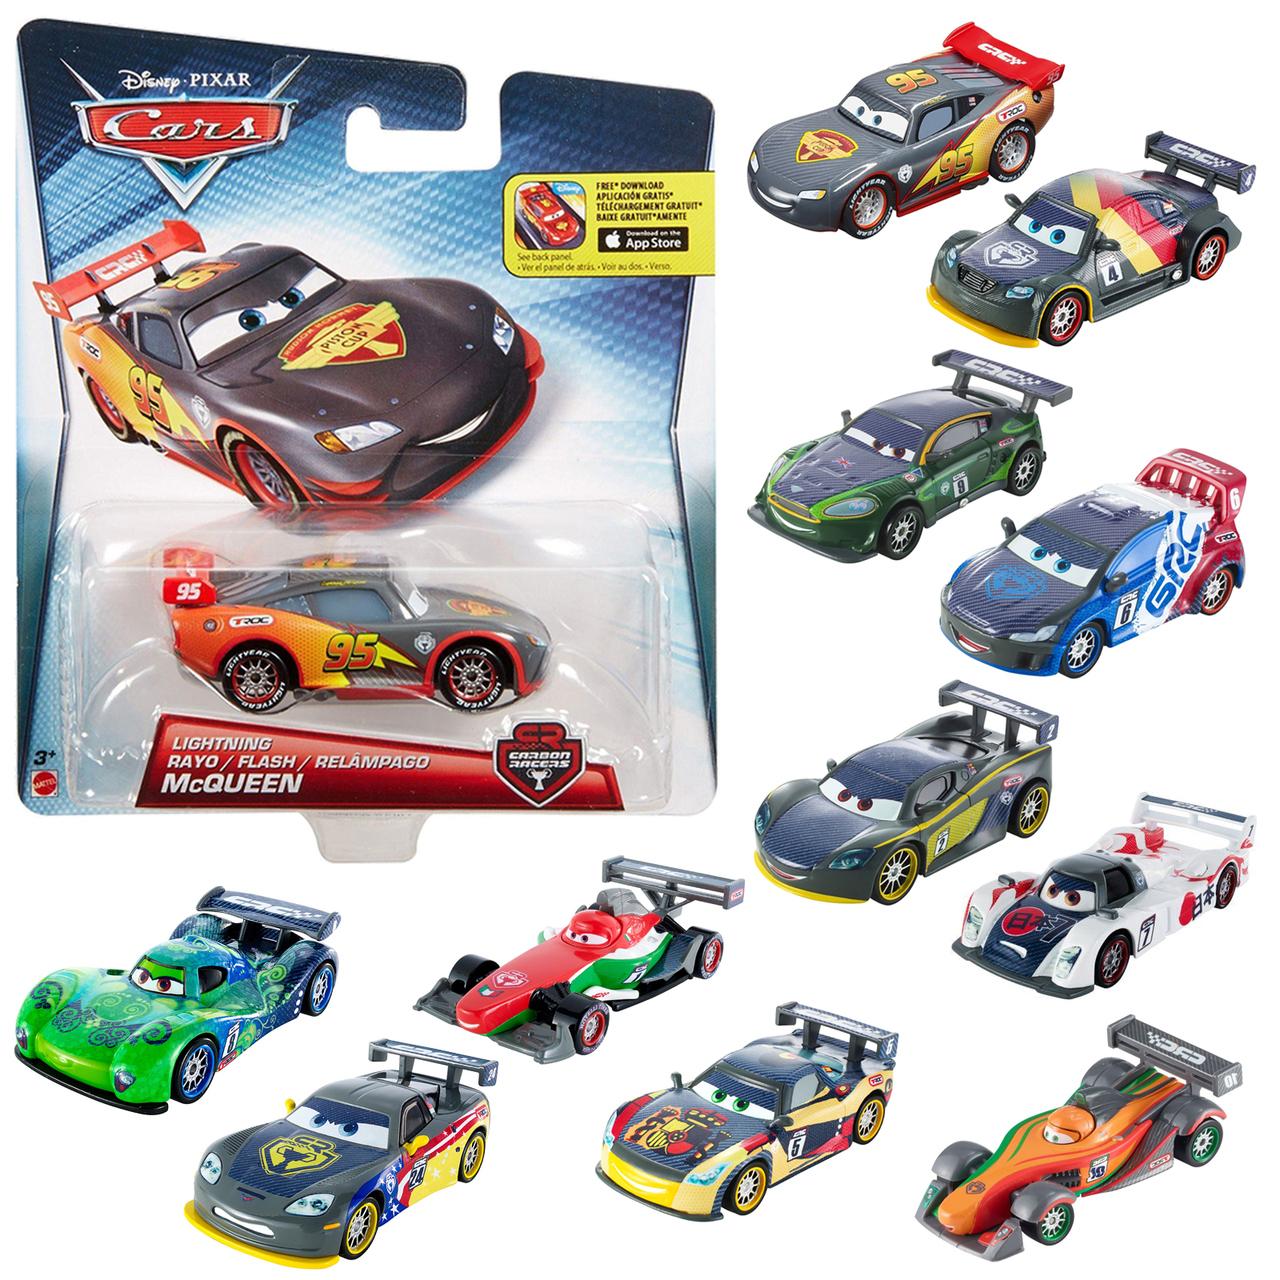 Disney cars clearance £0.55 each in Asda